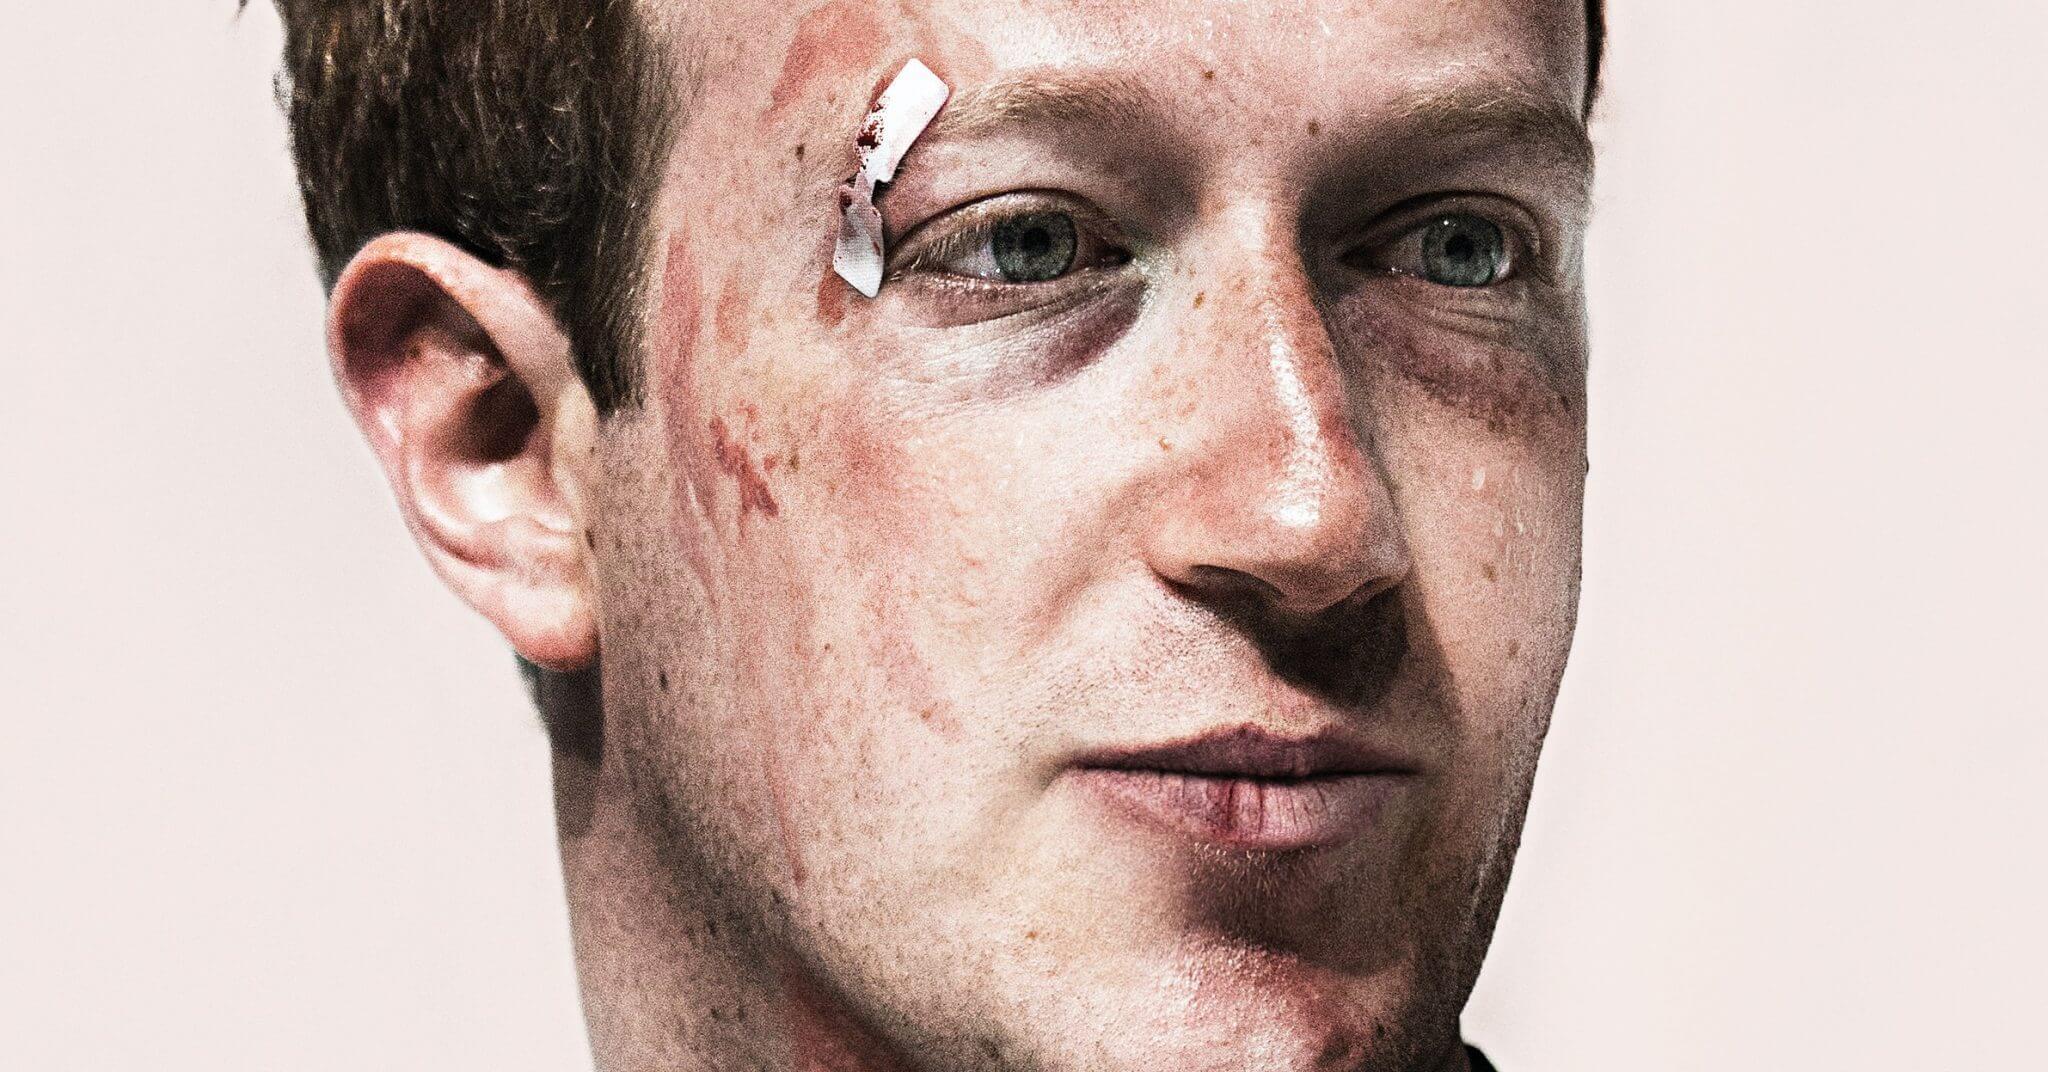 2603CV cover SUBS no spine - Facebook pode perder mais de US$ 2 trilhões no caso Cambridge Analytica